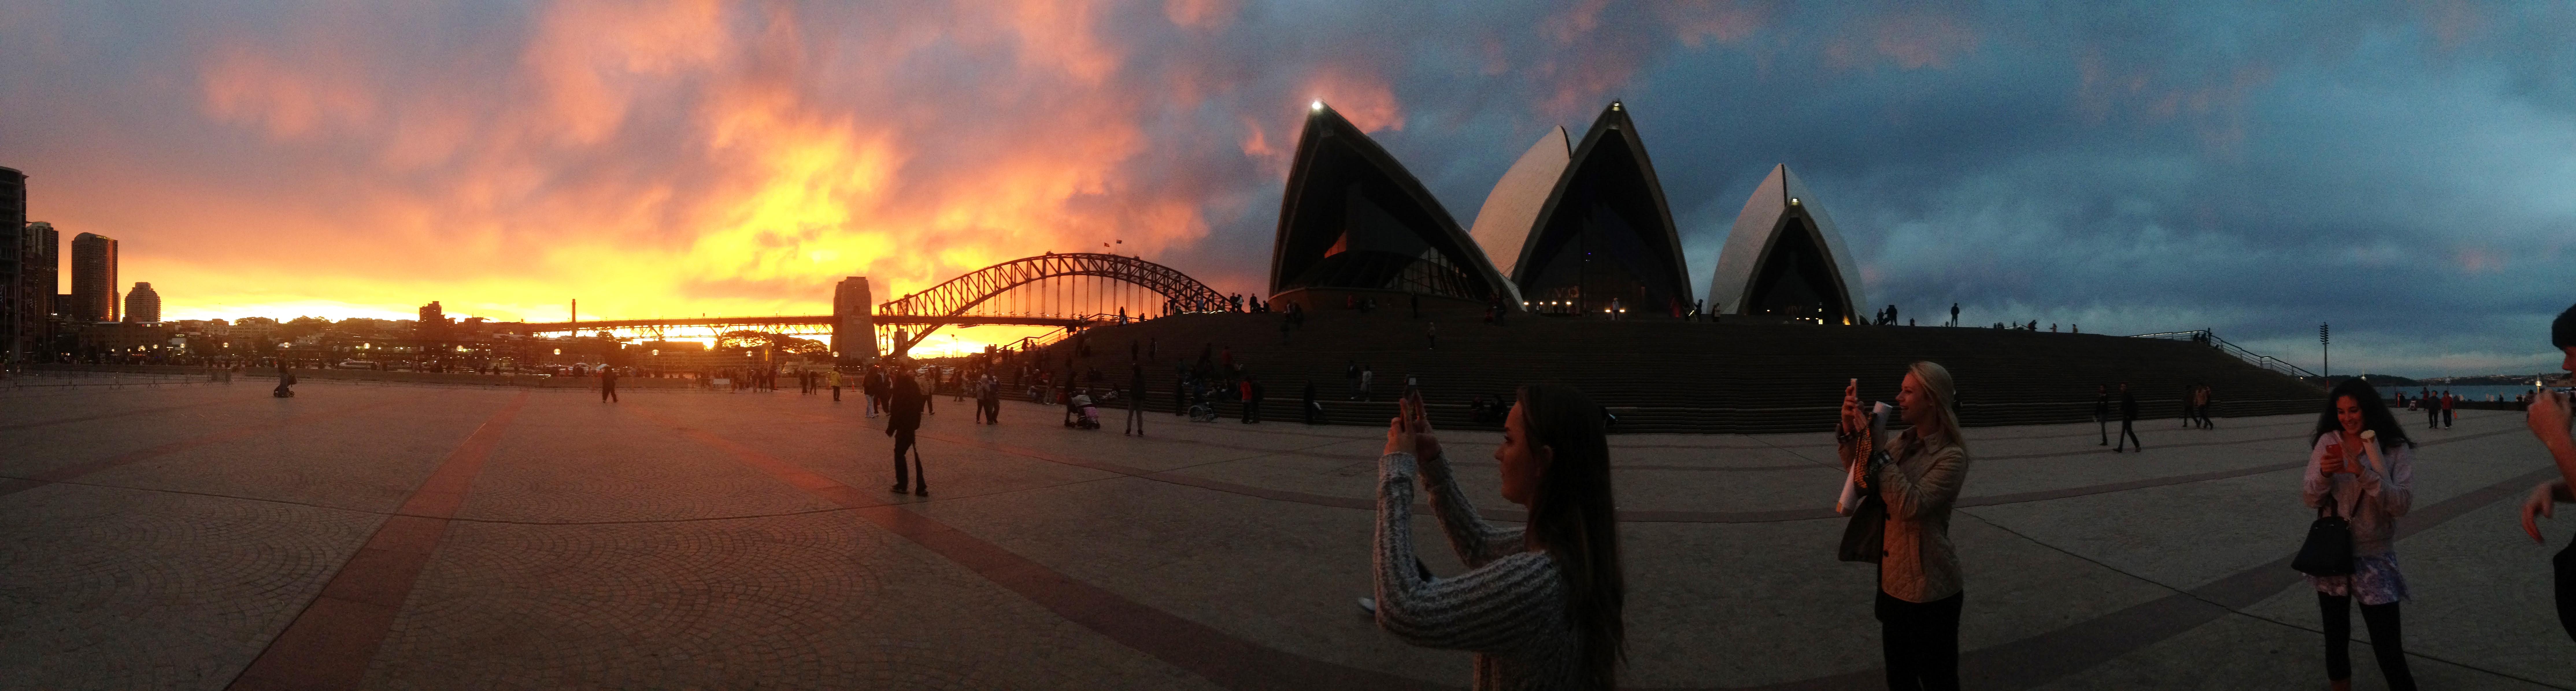 Sydney Harbor Bridge and Opera House at sunset